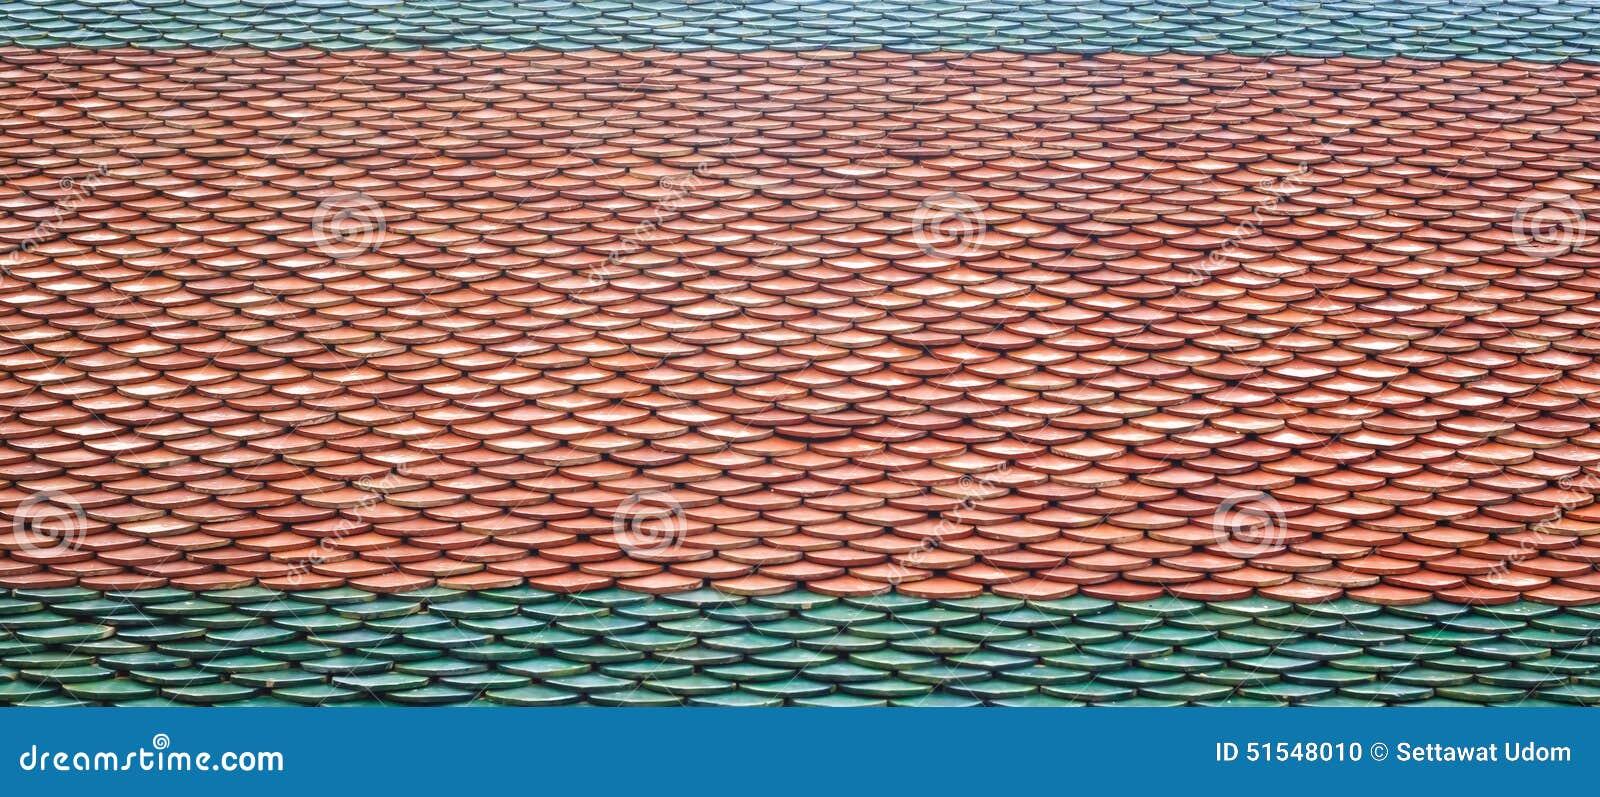 Textuur van daktegels van Thaise tempel